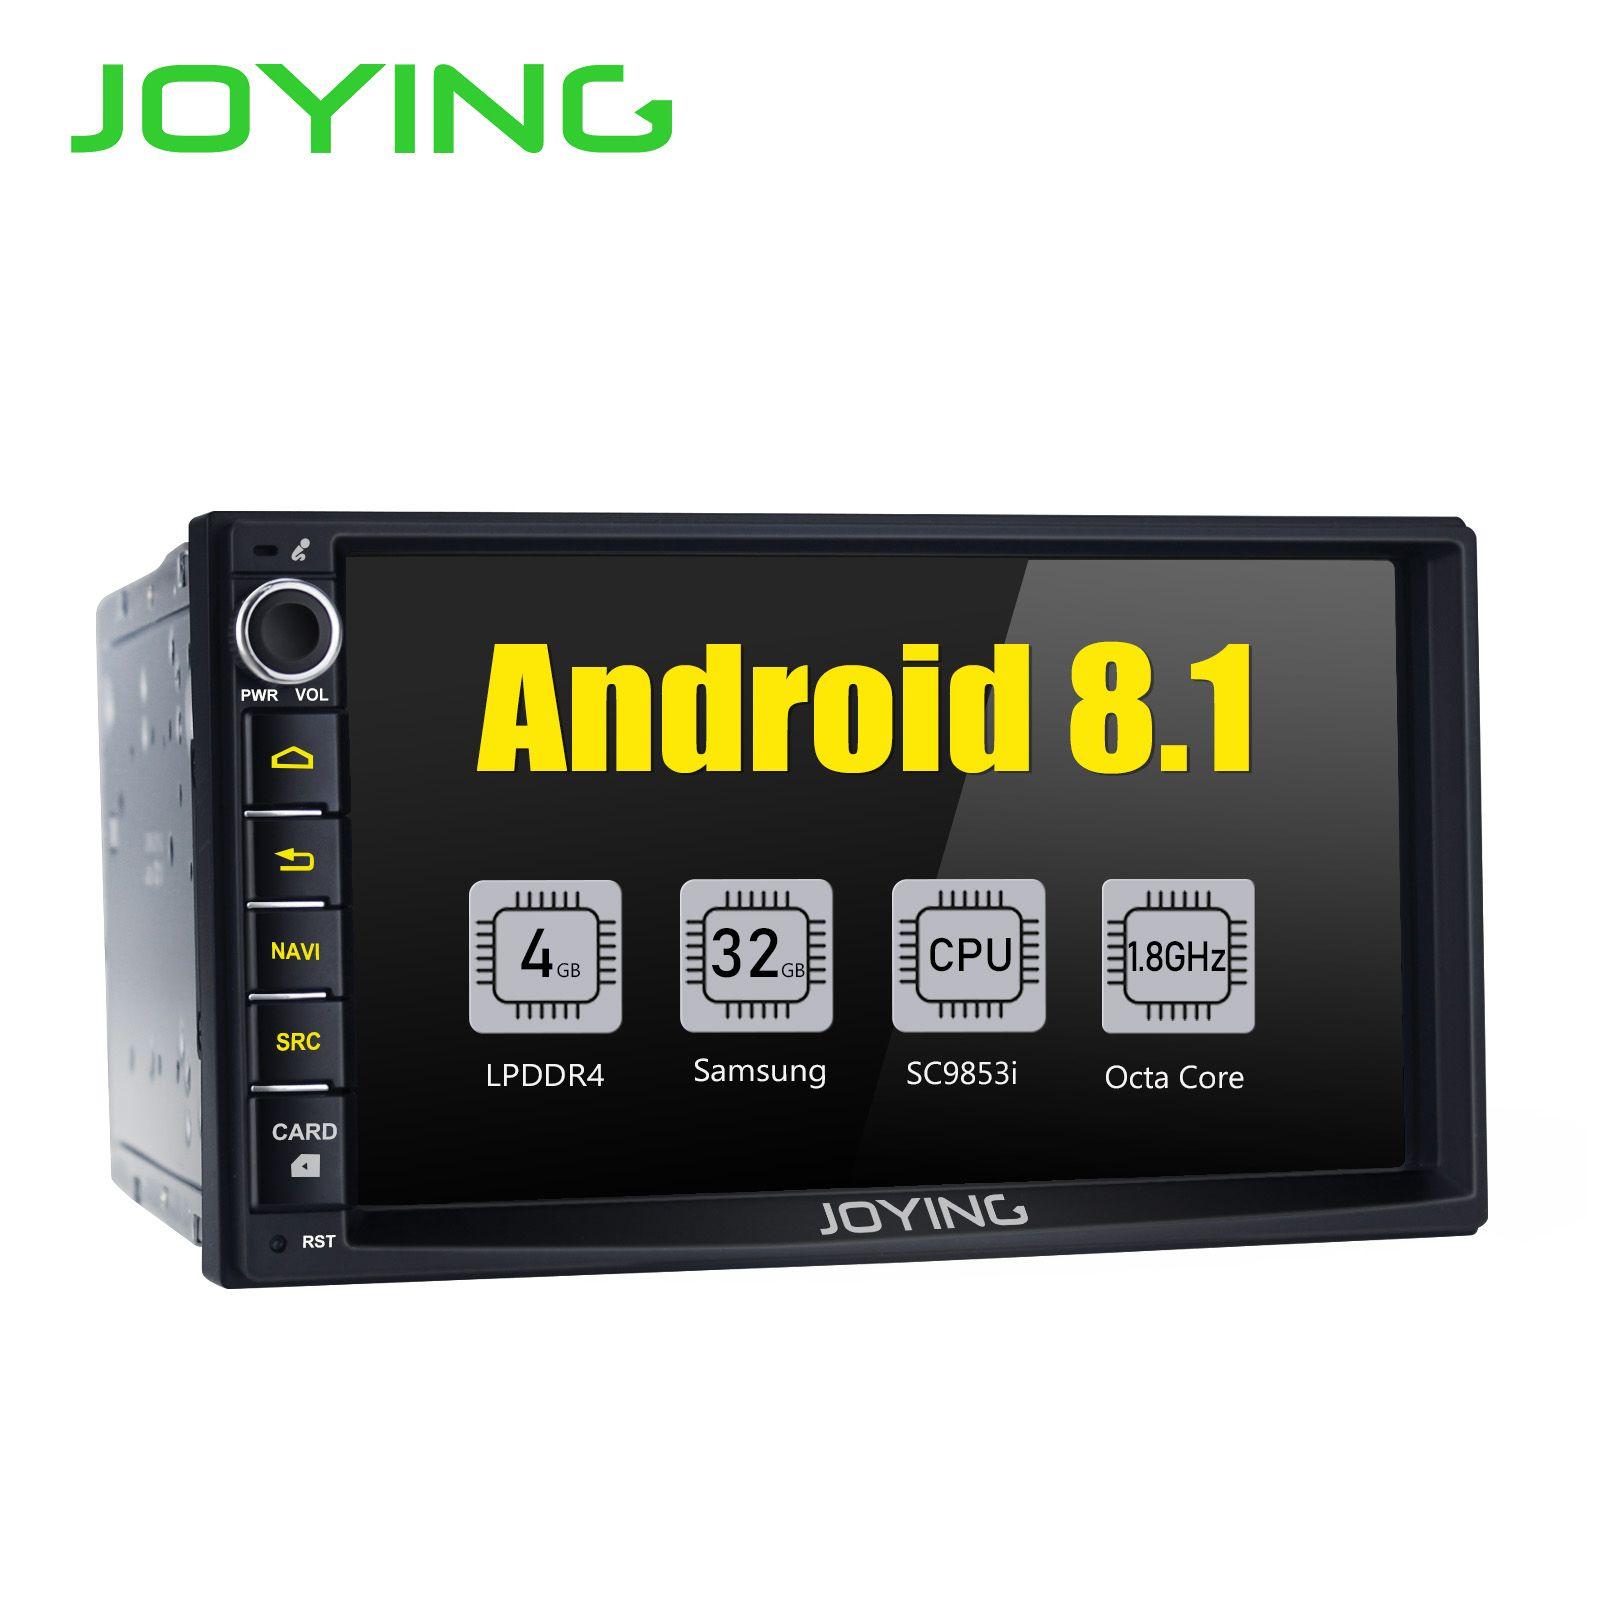 JOYING Neueste 2 Din 7 ''Android 8.1 Auto autoradio HD kopf einheit GPS stereo Radio mit Intel Octa core 4G Carplay Android auto DSP